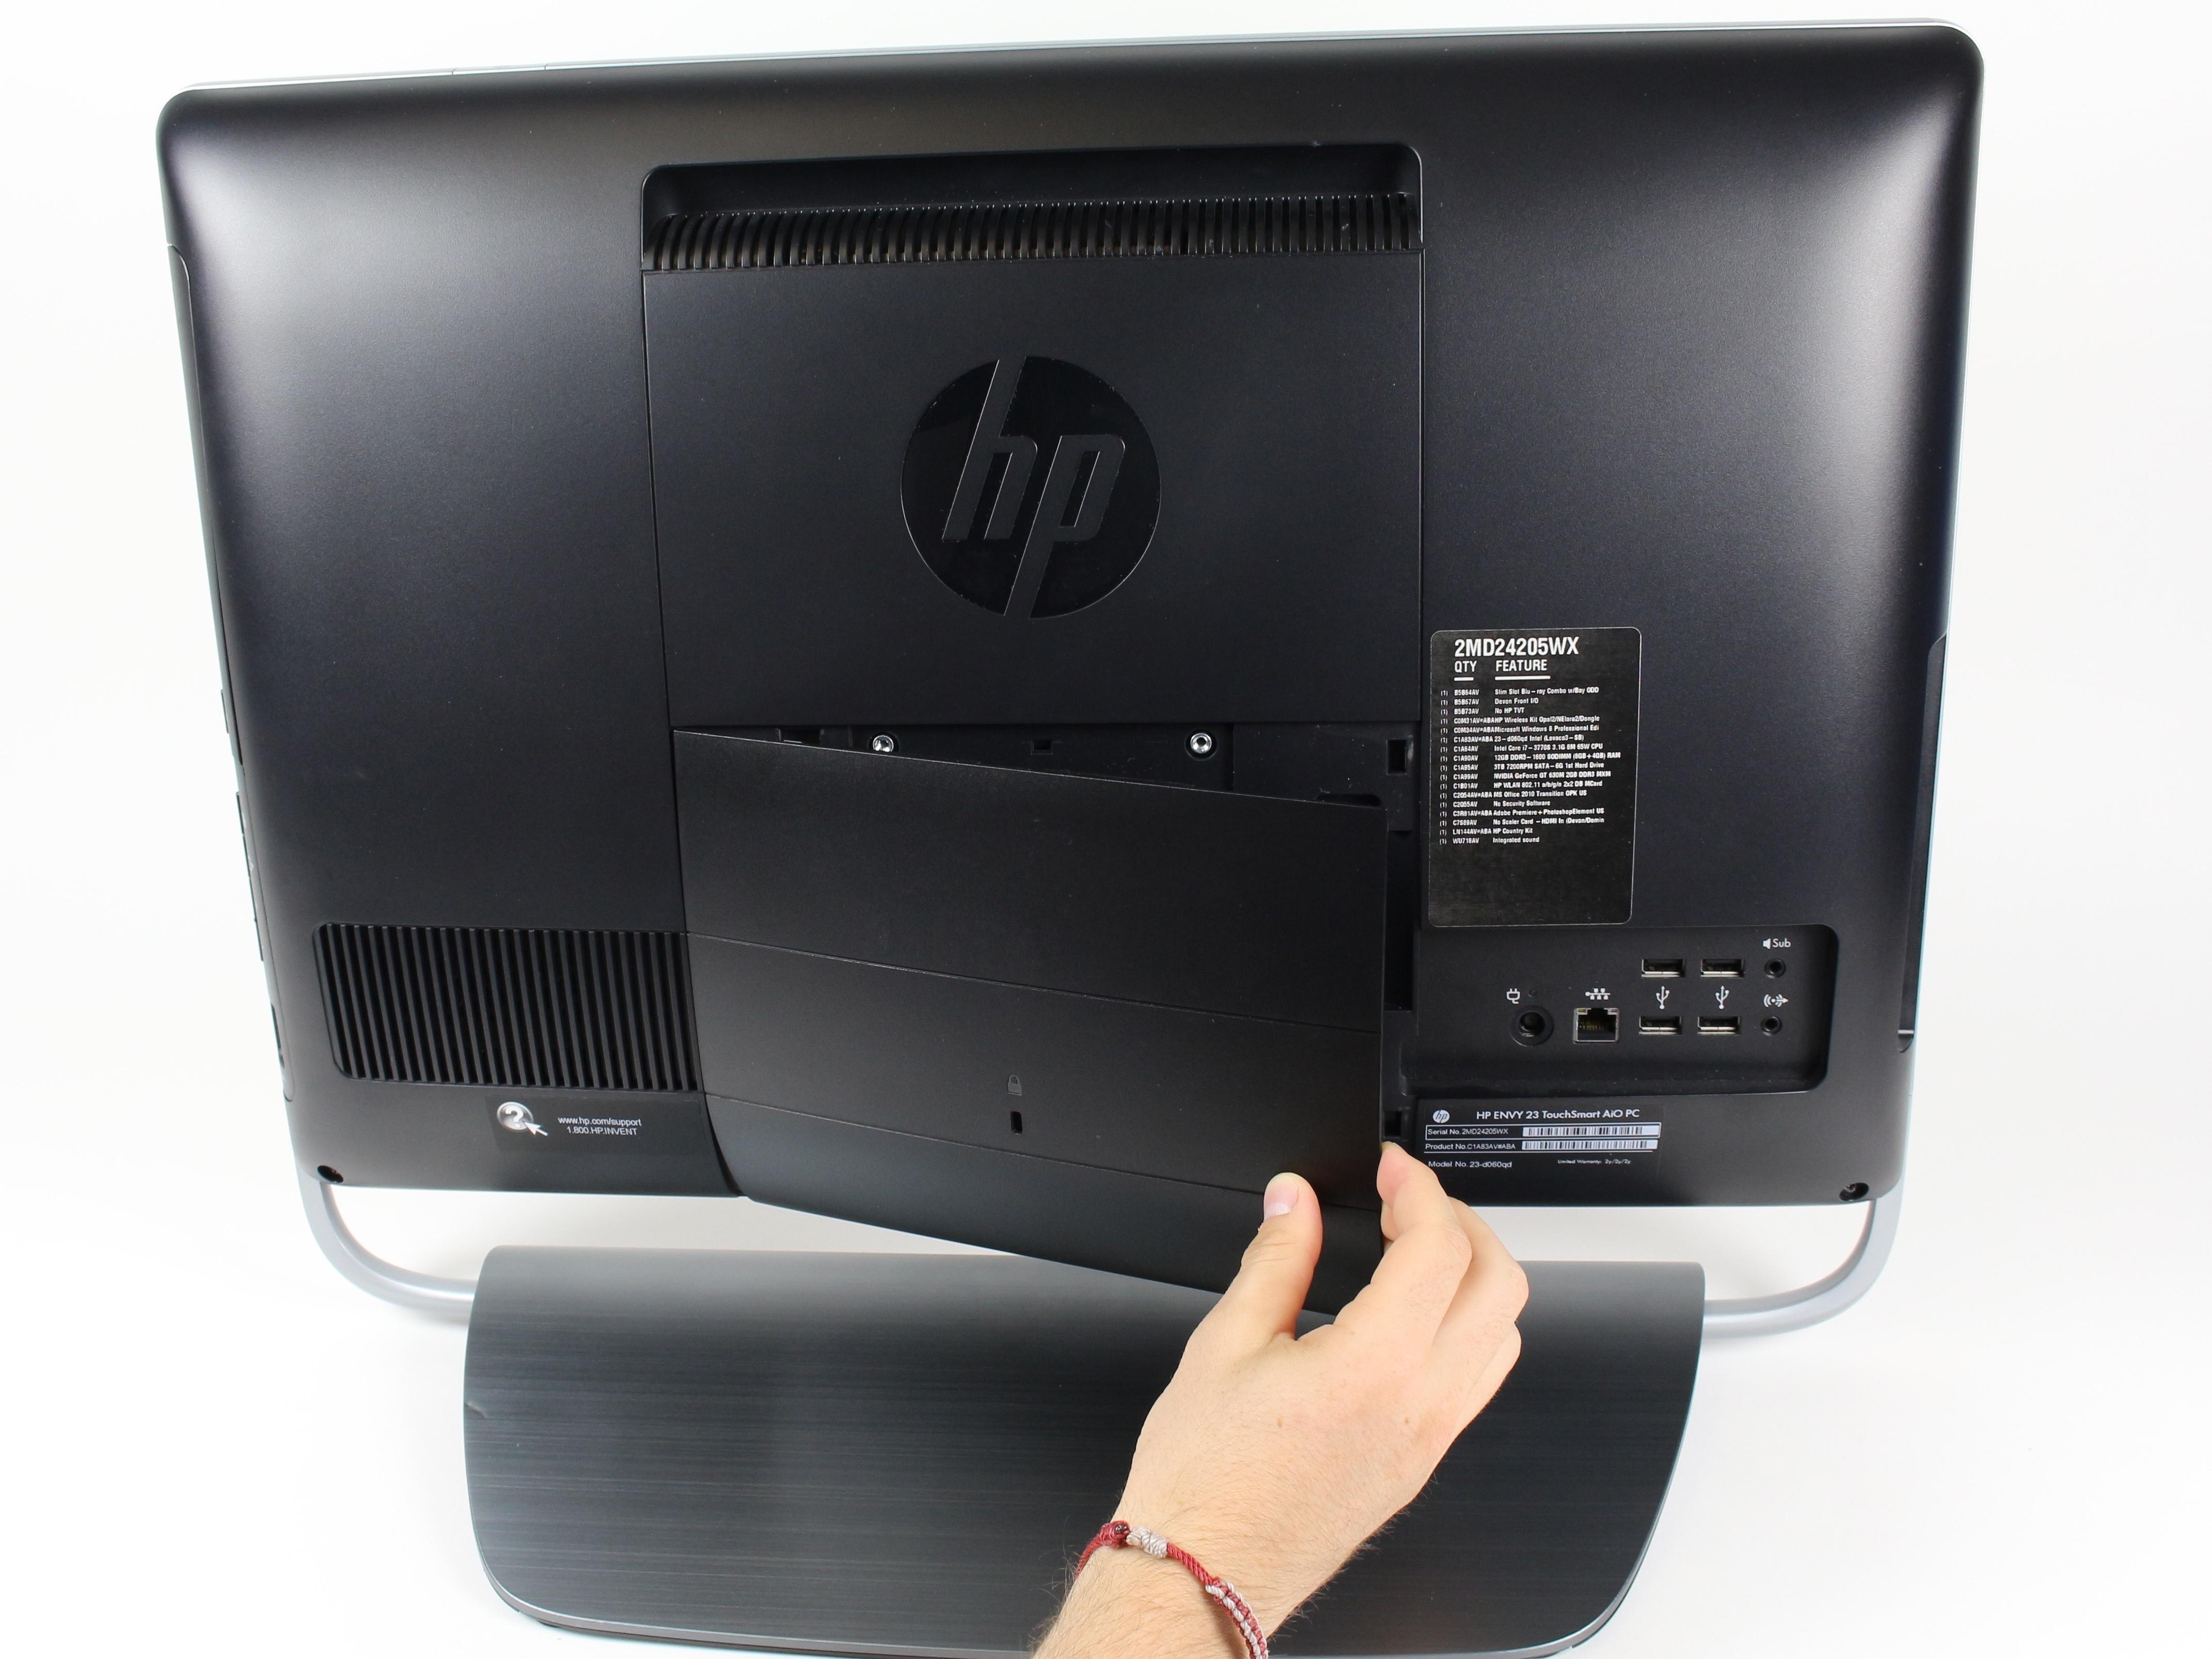 HP ENVY 23-D005A TOUCHSMART SEAGATE HDD WINDOWS 8 X64 DRIVER